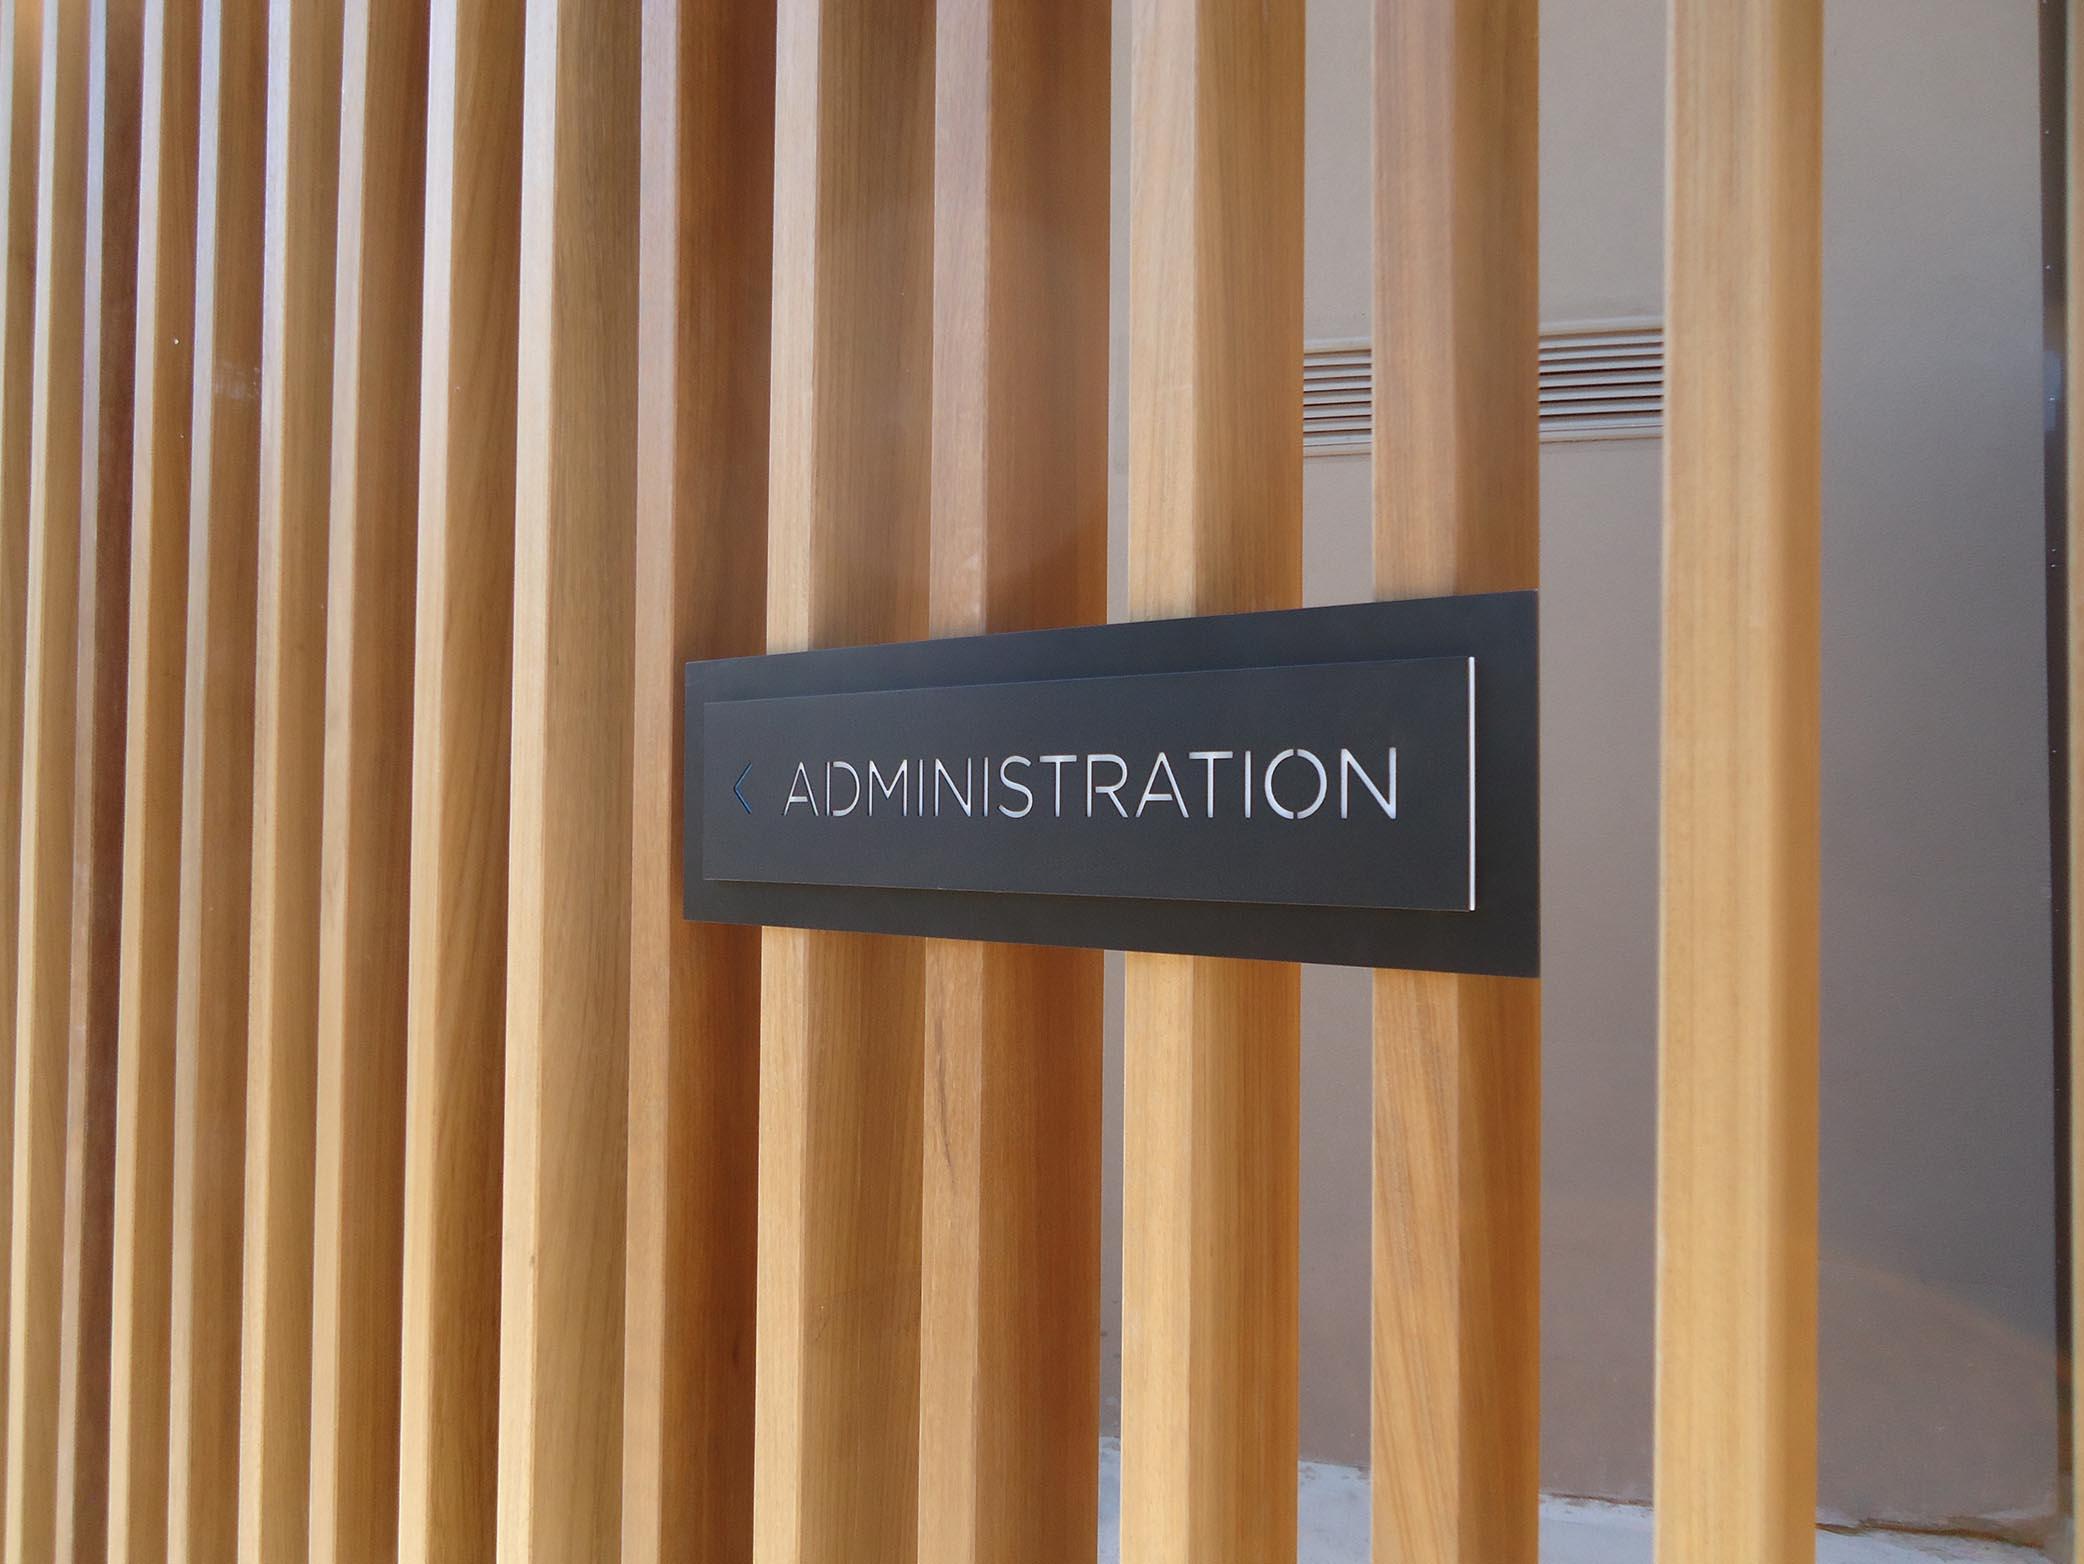 σήμανση ξενοδοχείου - Hotelier Academy